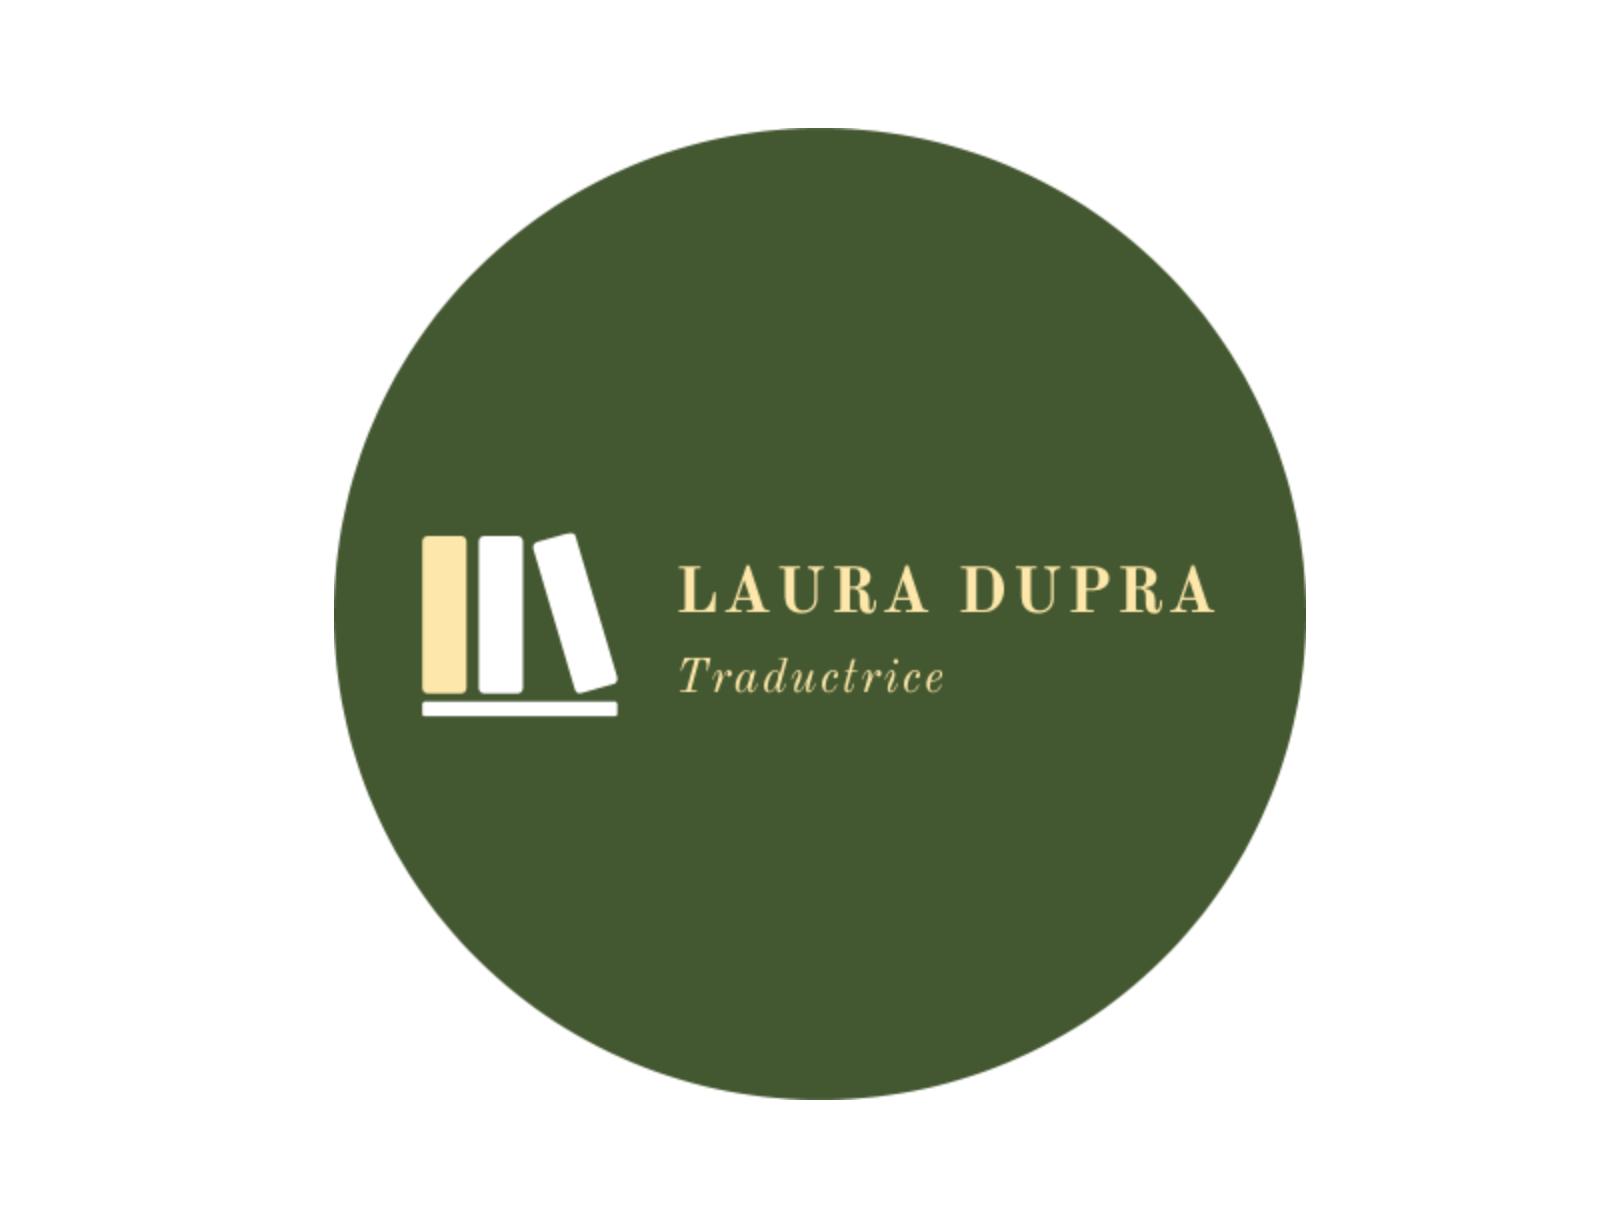 Laura Dupra : rédaction d'un article invité